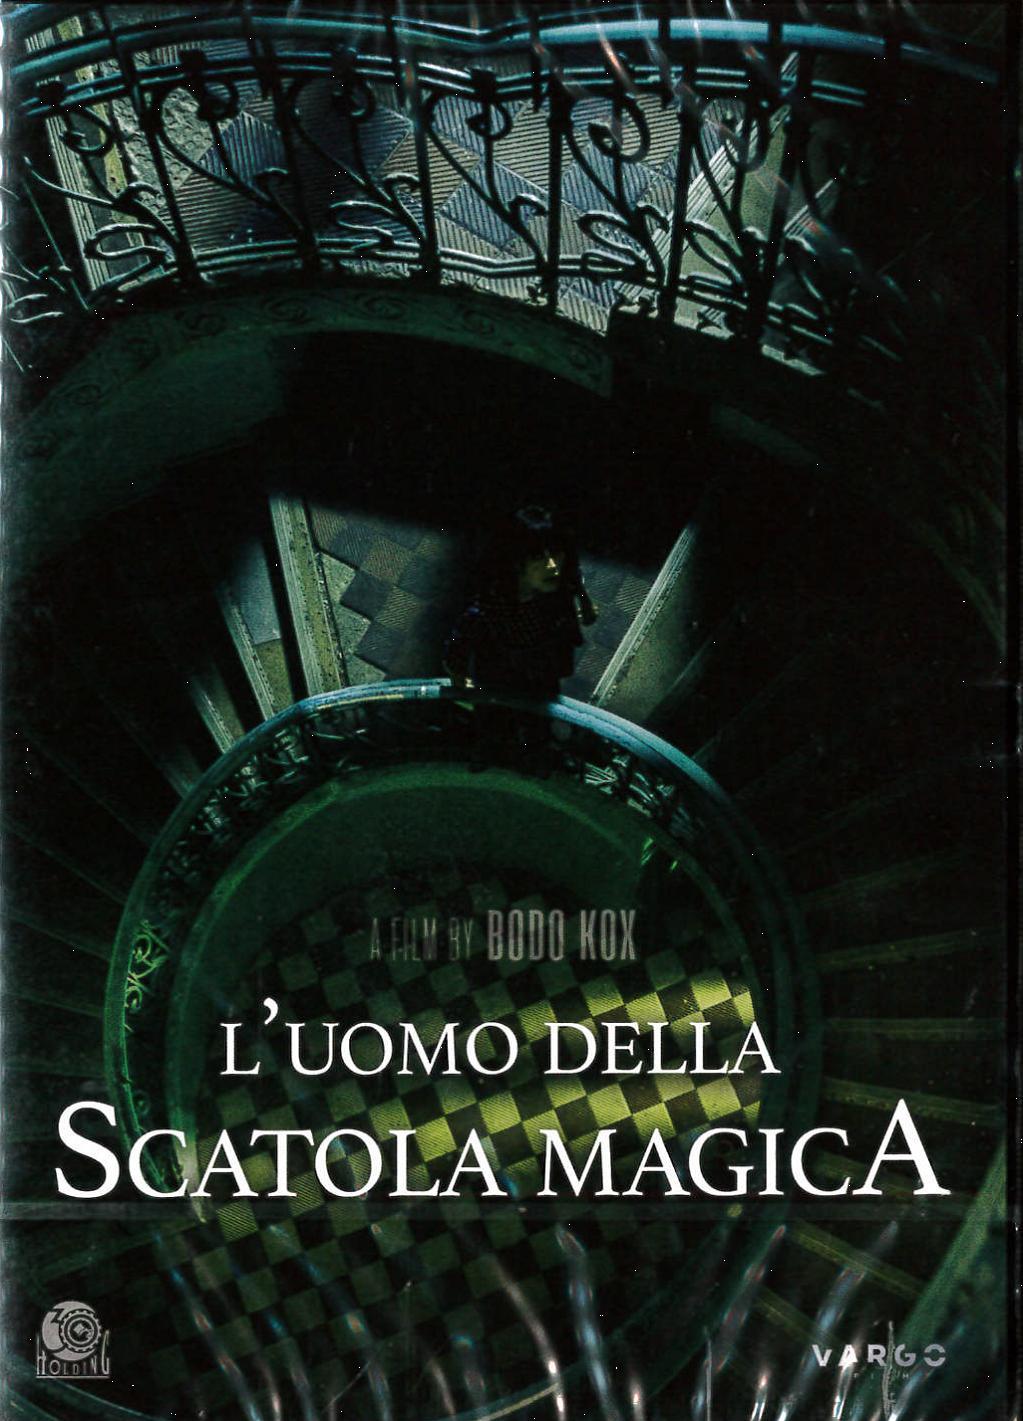 L'UOMO DELLA SCATOLA MAGICA (DVD)